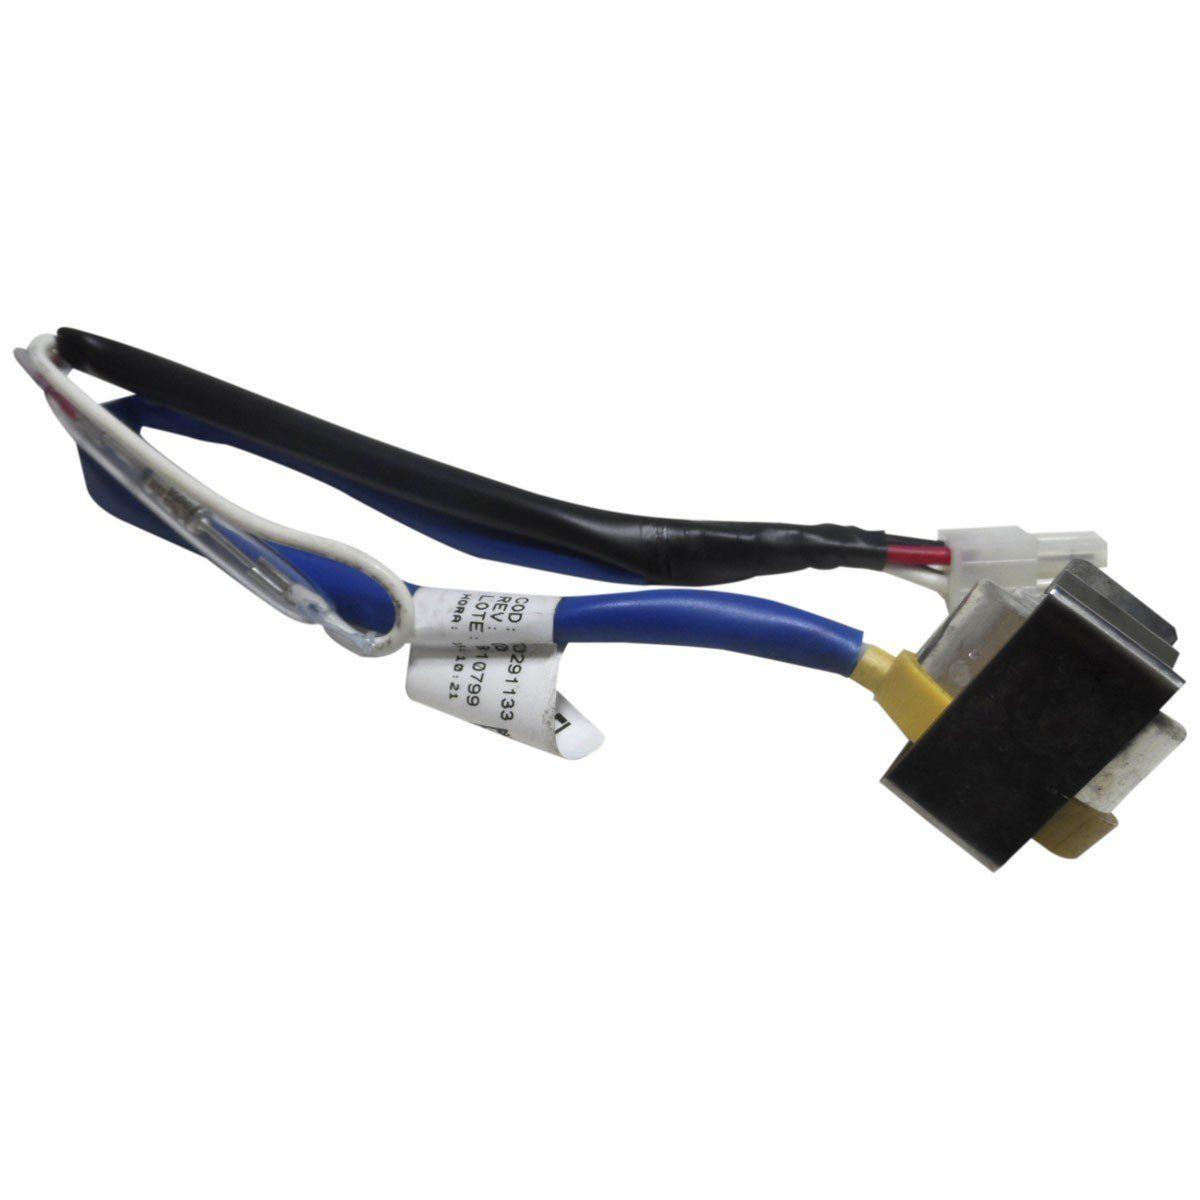 REDE ELÉTRICA SENSOR BIMETAL REFRIGERADOR ELECTROLUX 70291133